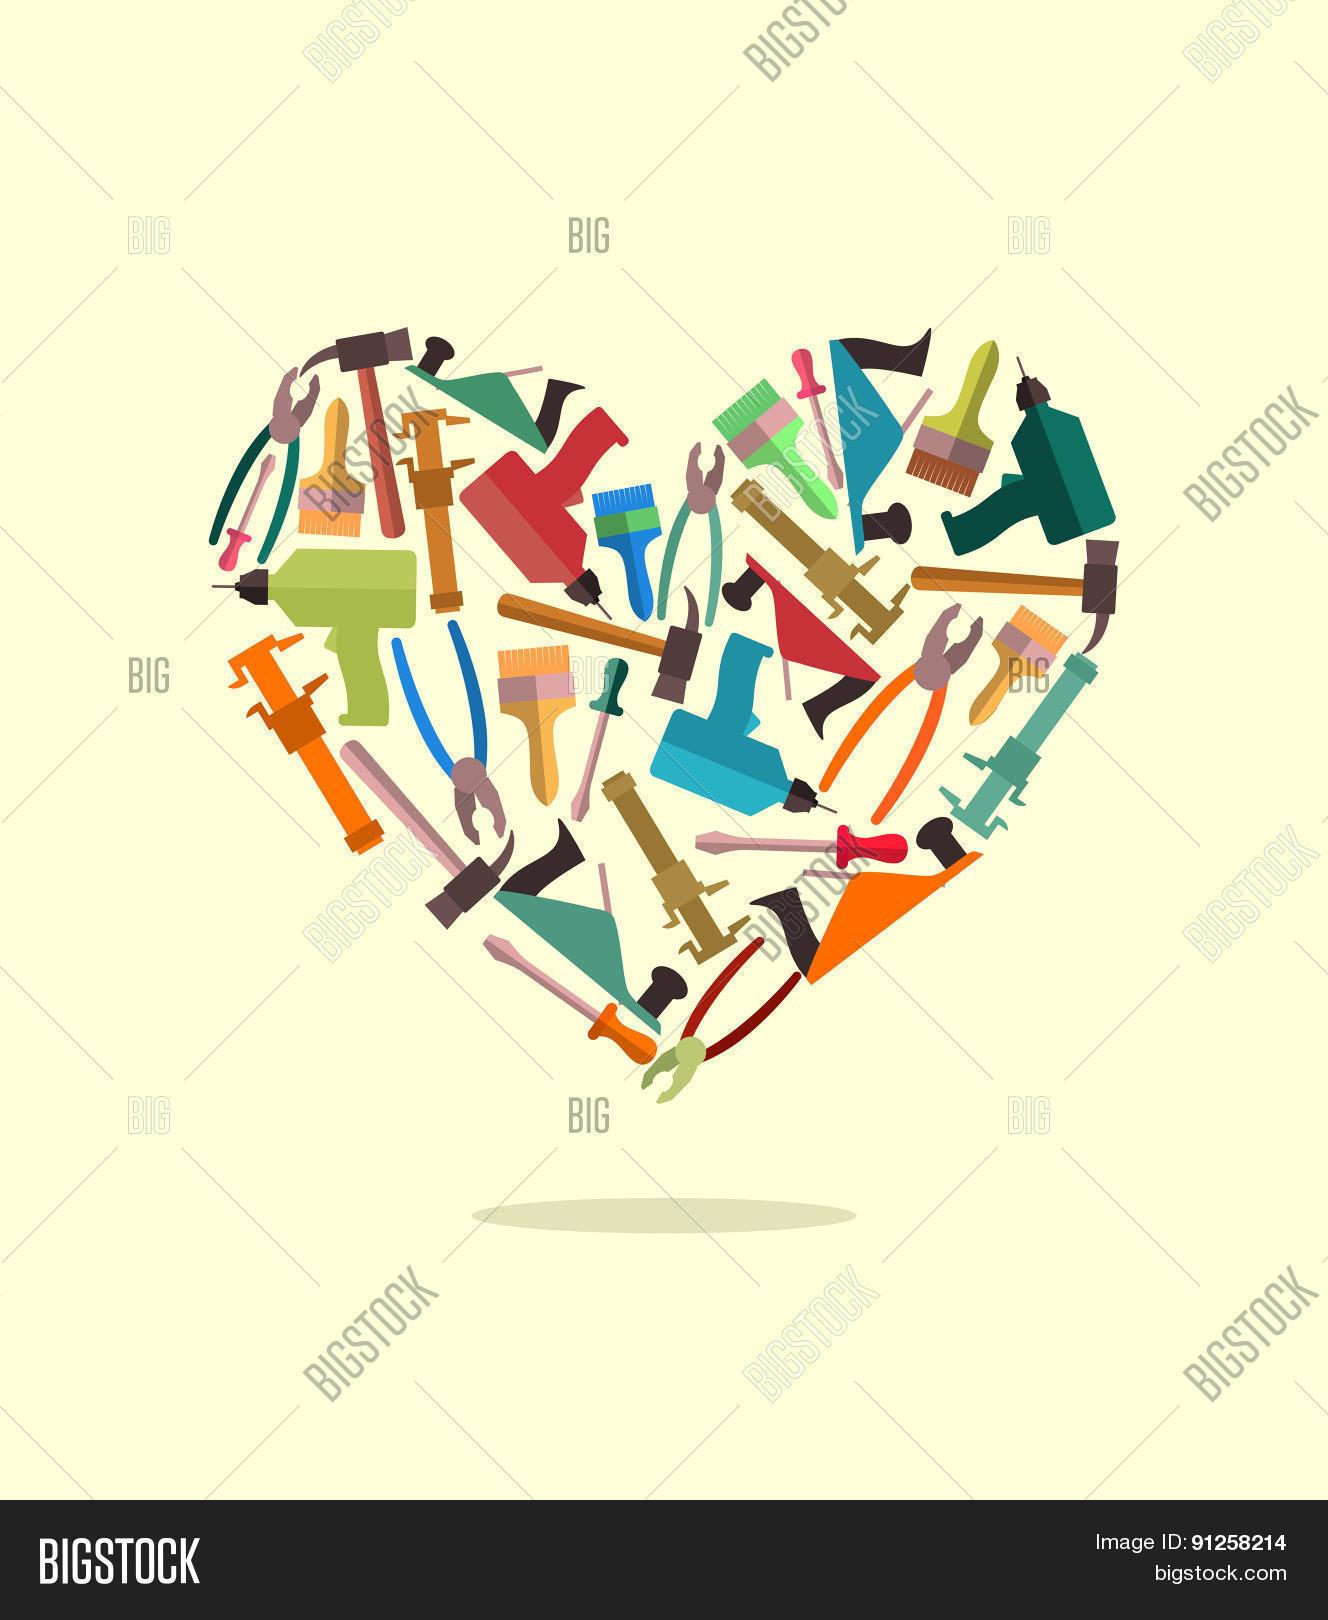 symbol heart construction tools vector u0026 photo bigstock